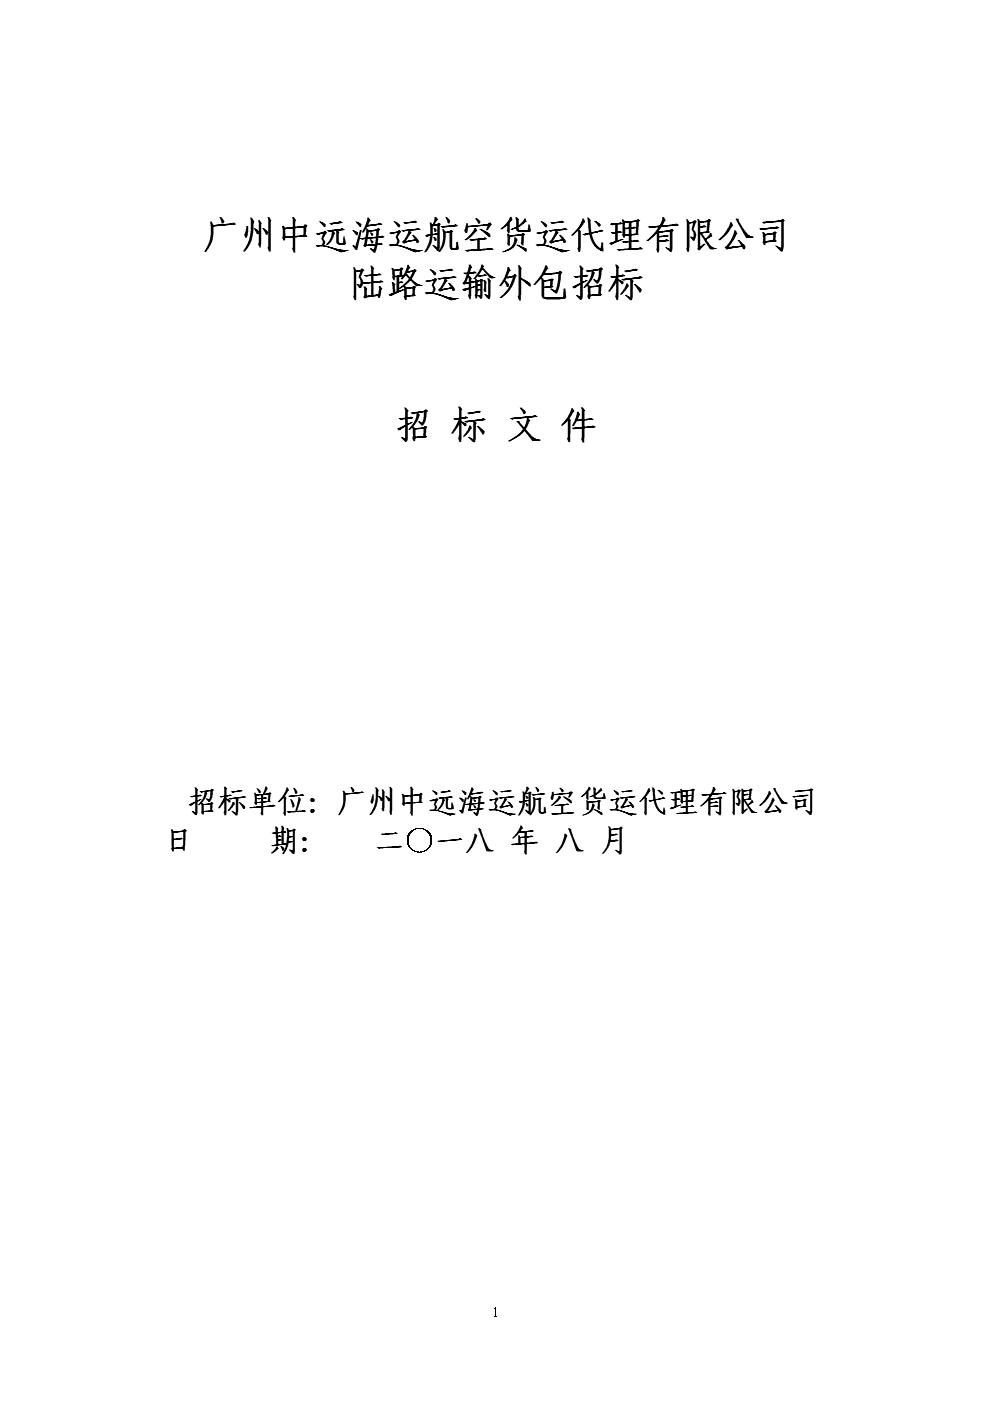 项目名称:龙口港集团视频会议系统.doc